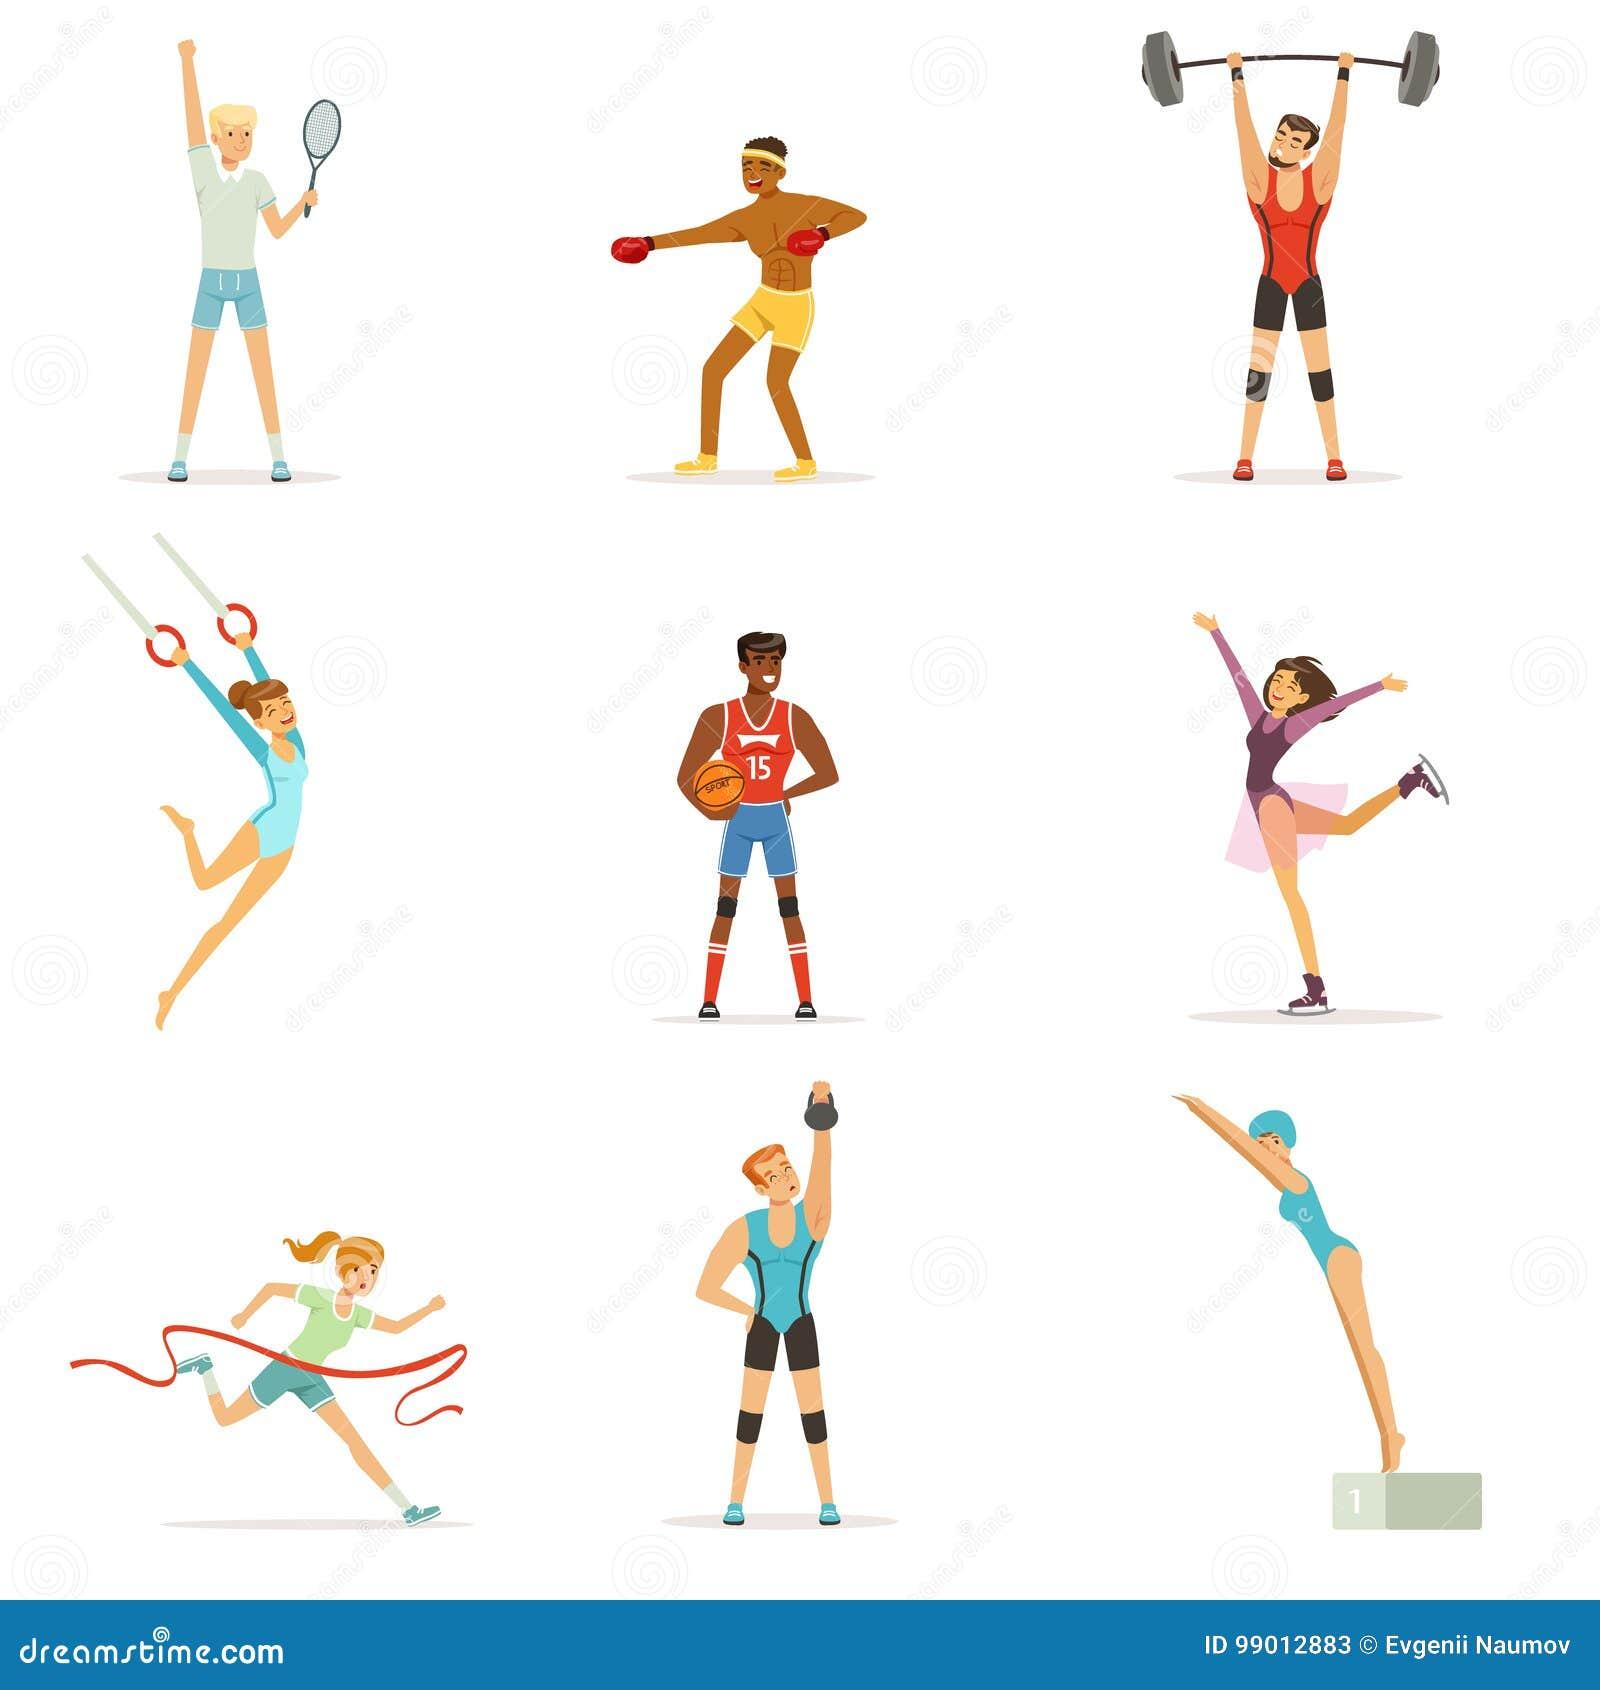 575f08ad282 Atletische mensen die diverse soorten sporten, mensen in gymnastiek doen,  sportuitrusting kleurrijke vectorillustraties